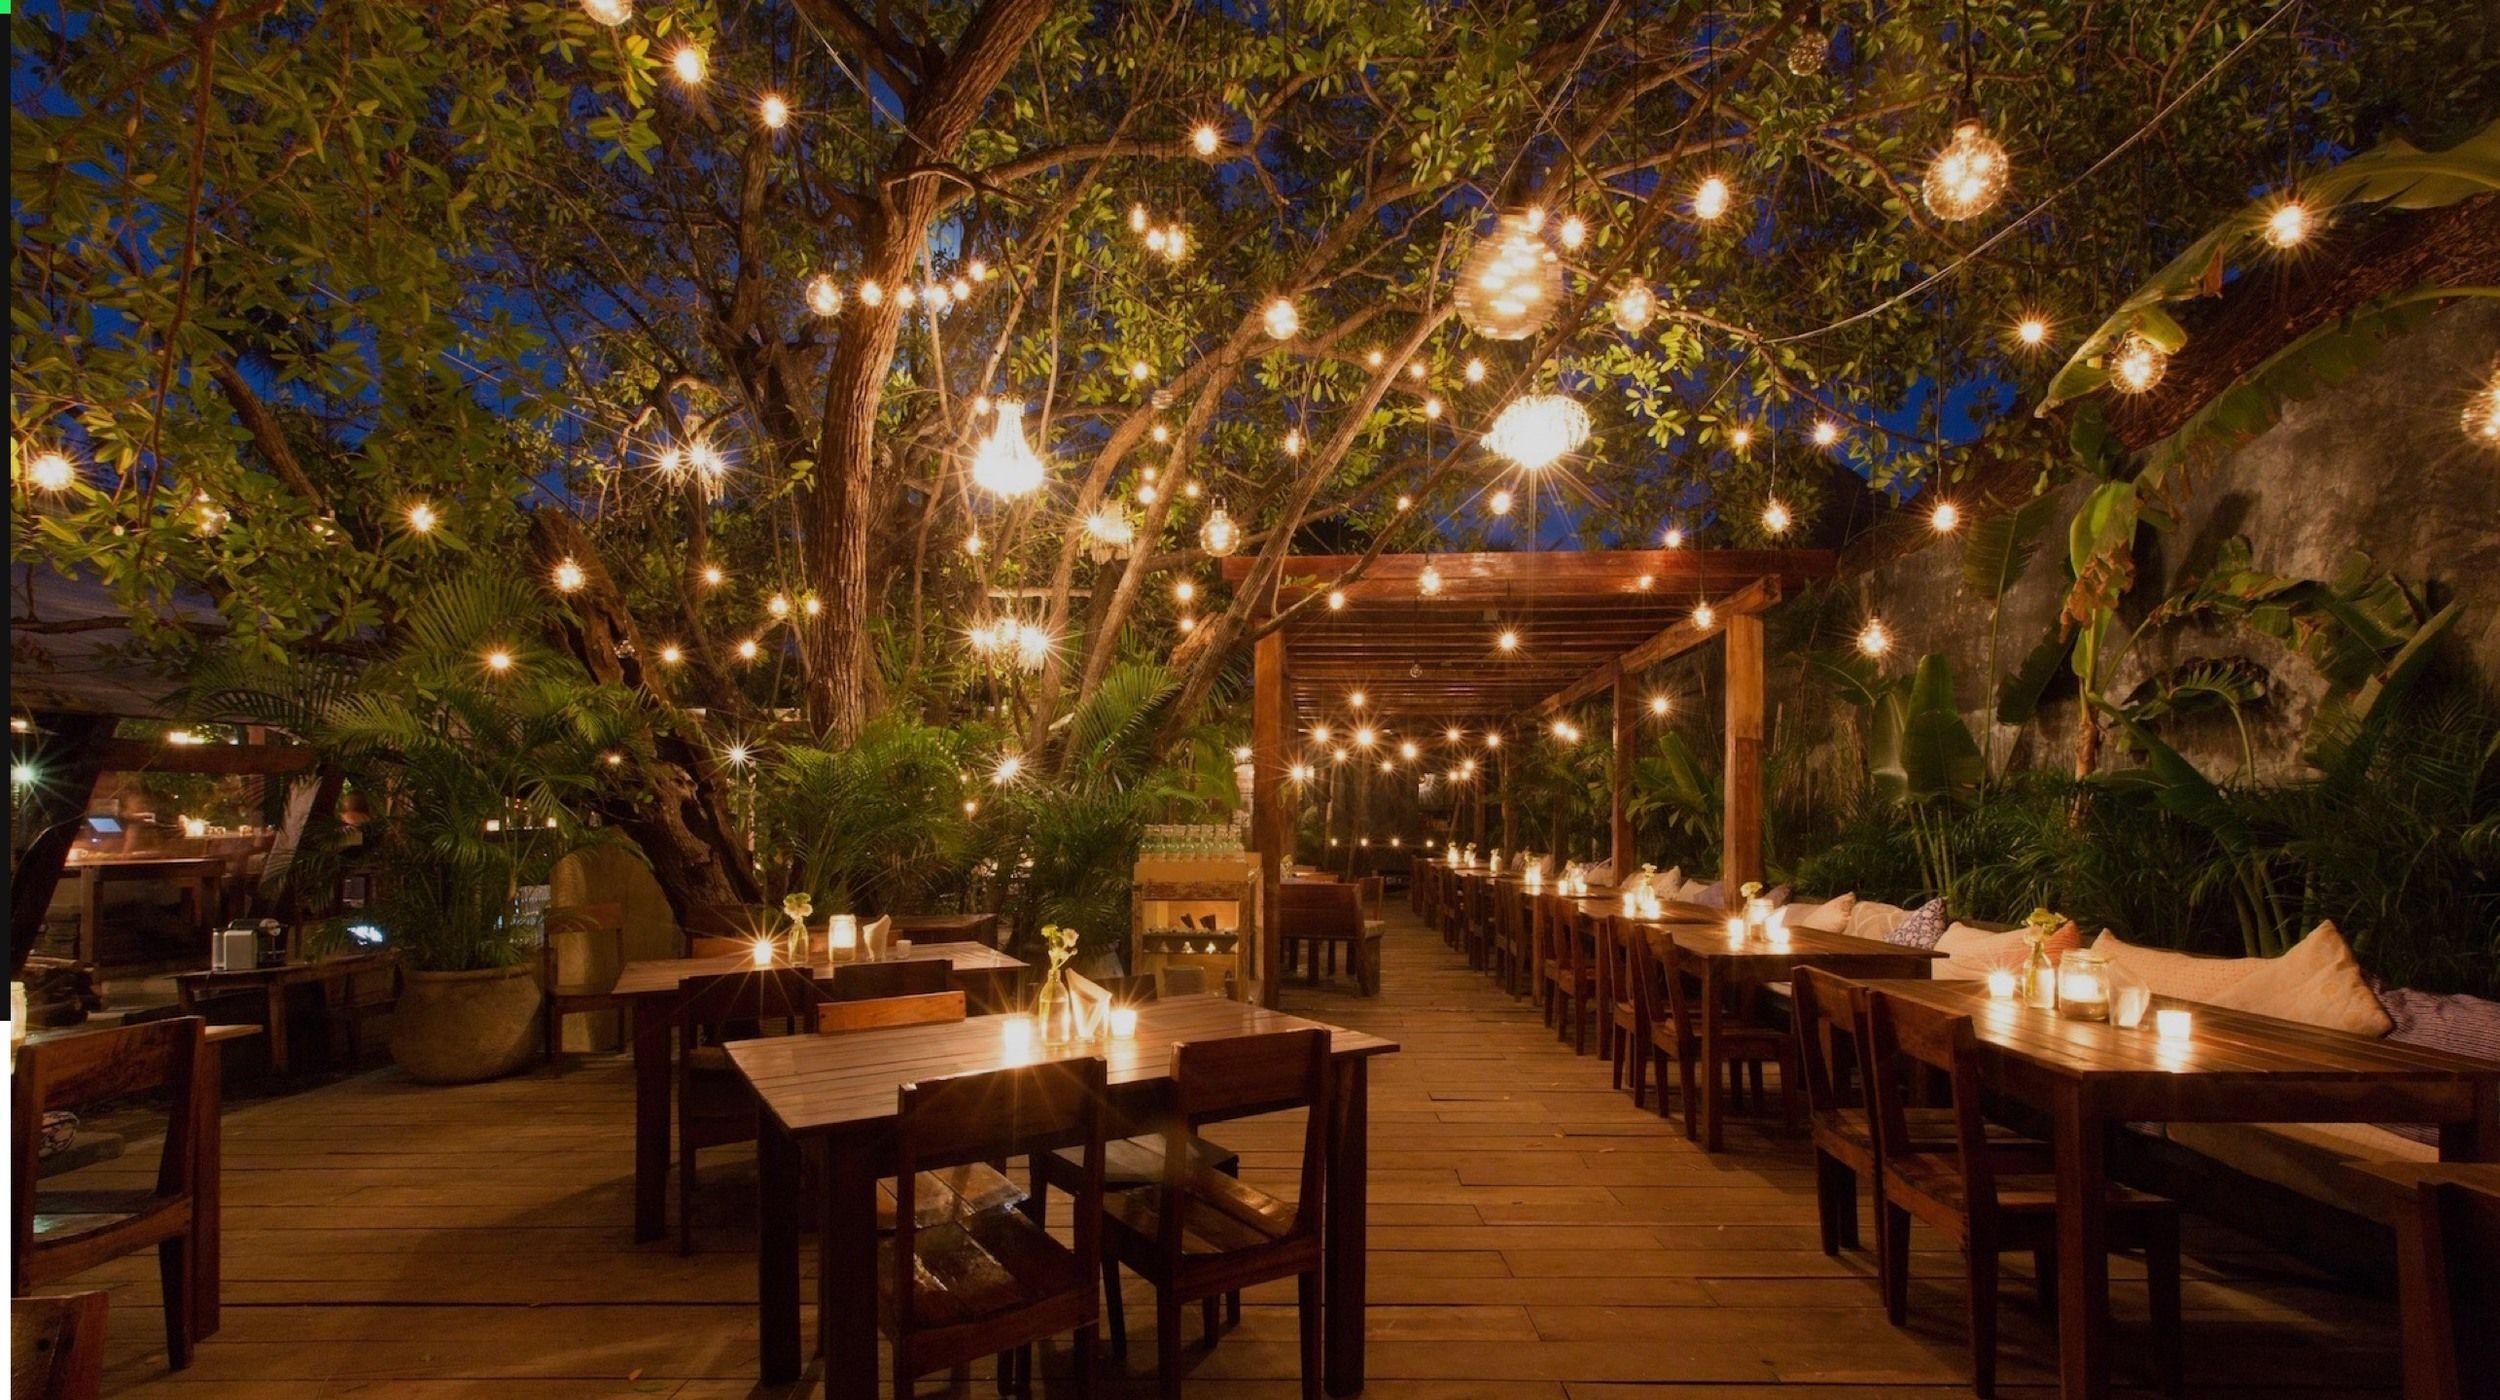 Tulum Jungle Party Rooftop Lighting Outdoor Restaurant Beer Garden Dining